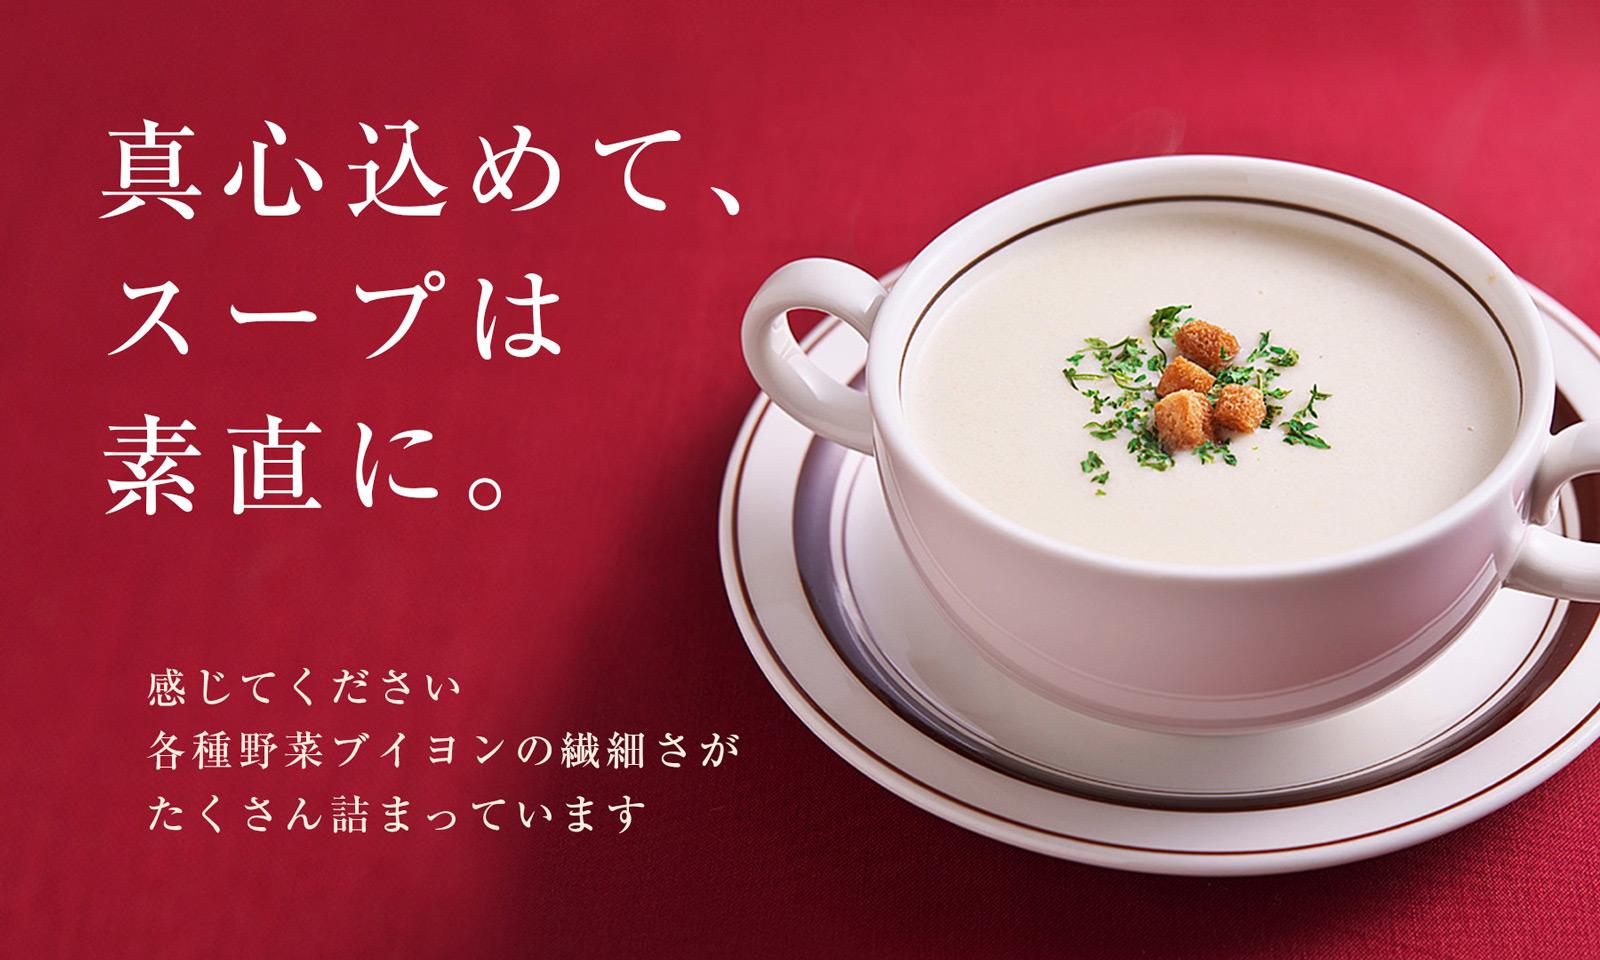 老舗洋食店が素直に作る 濃厚ポタージュスープ